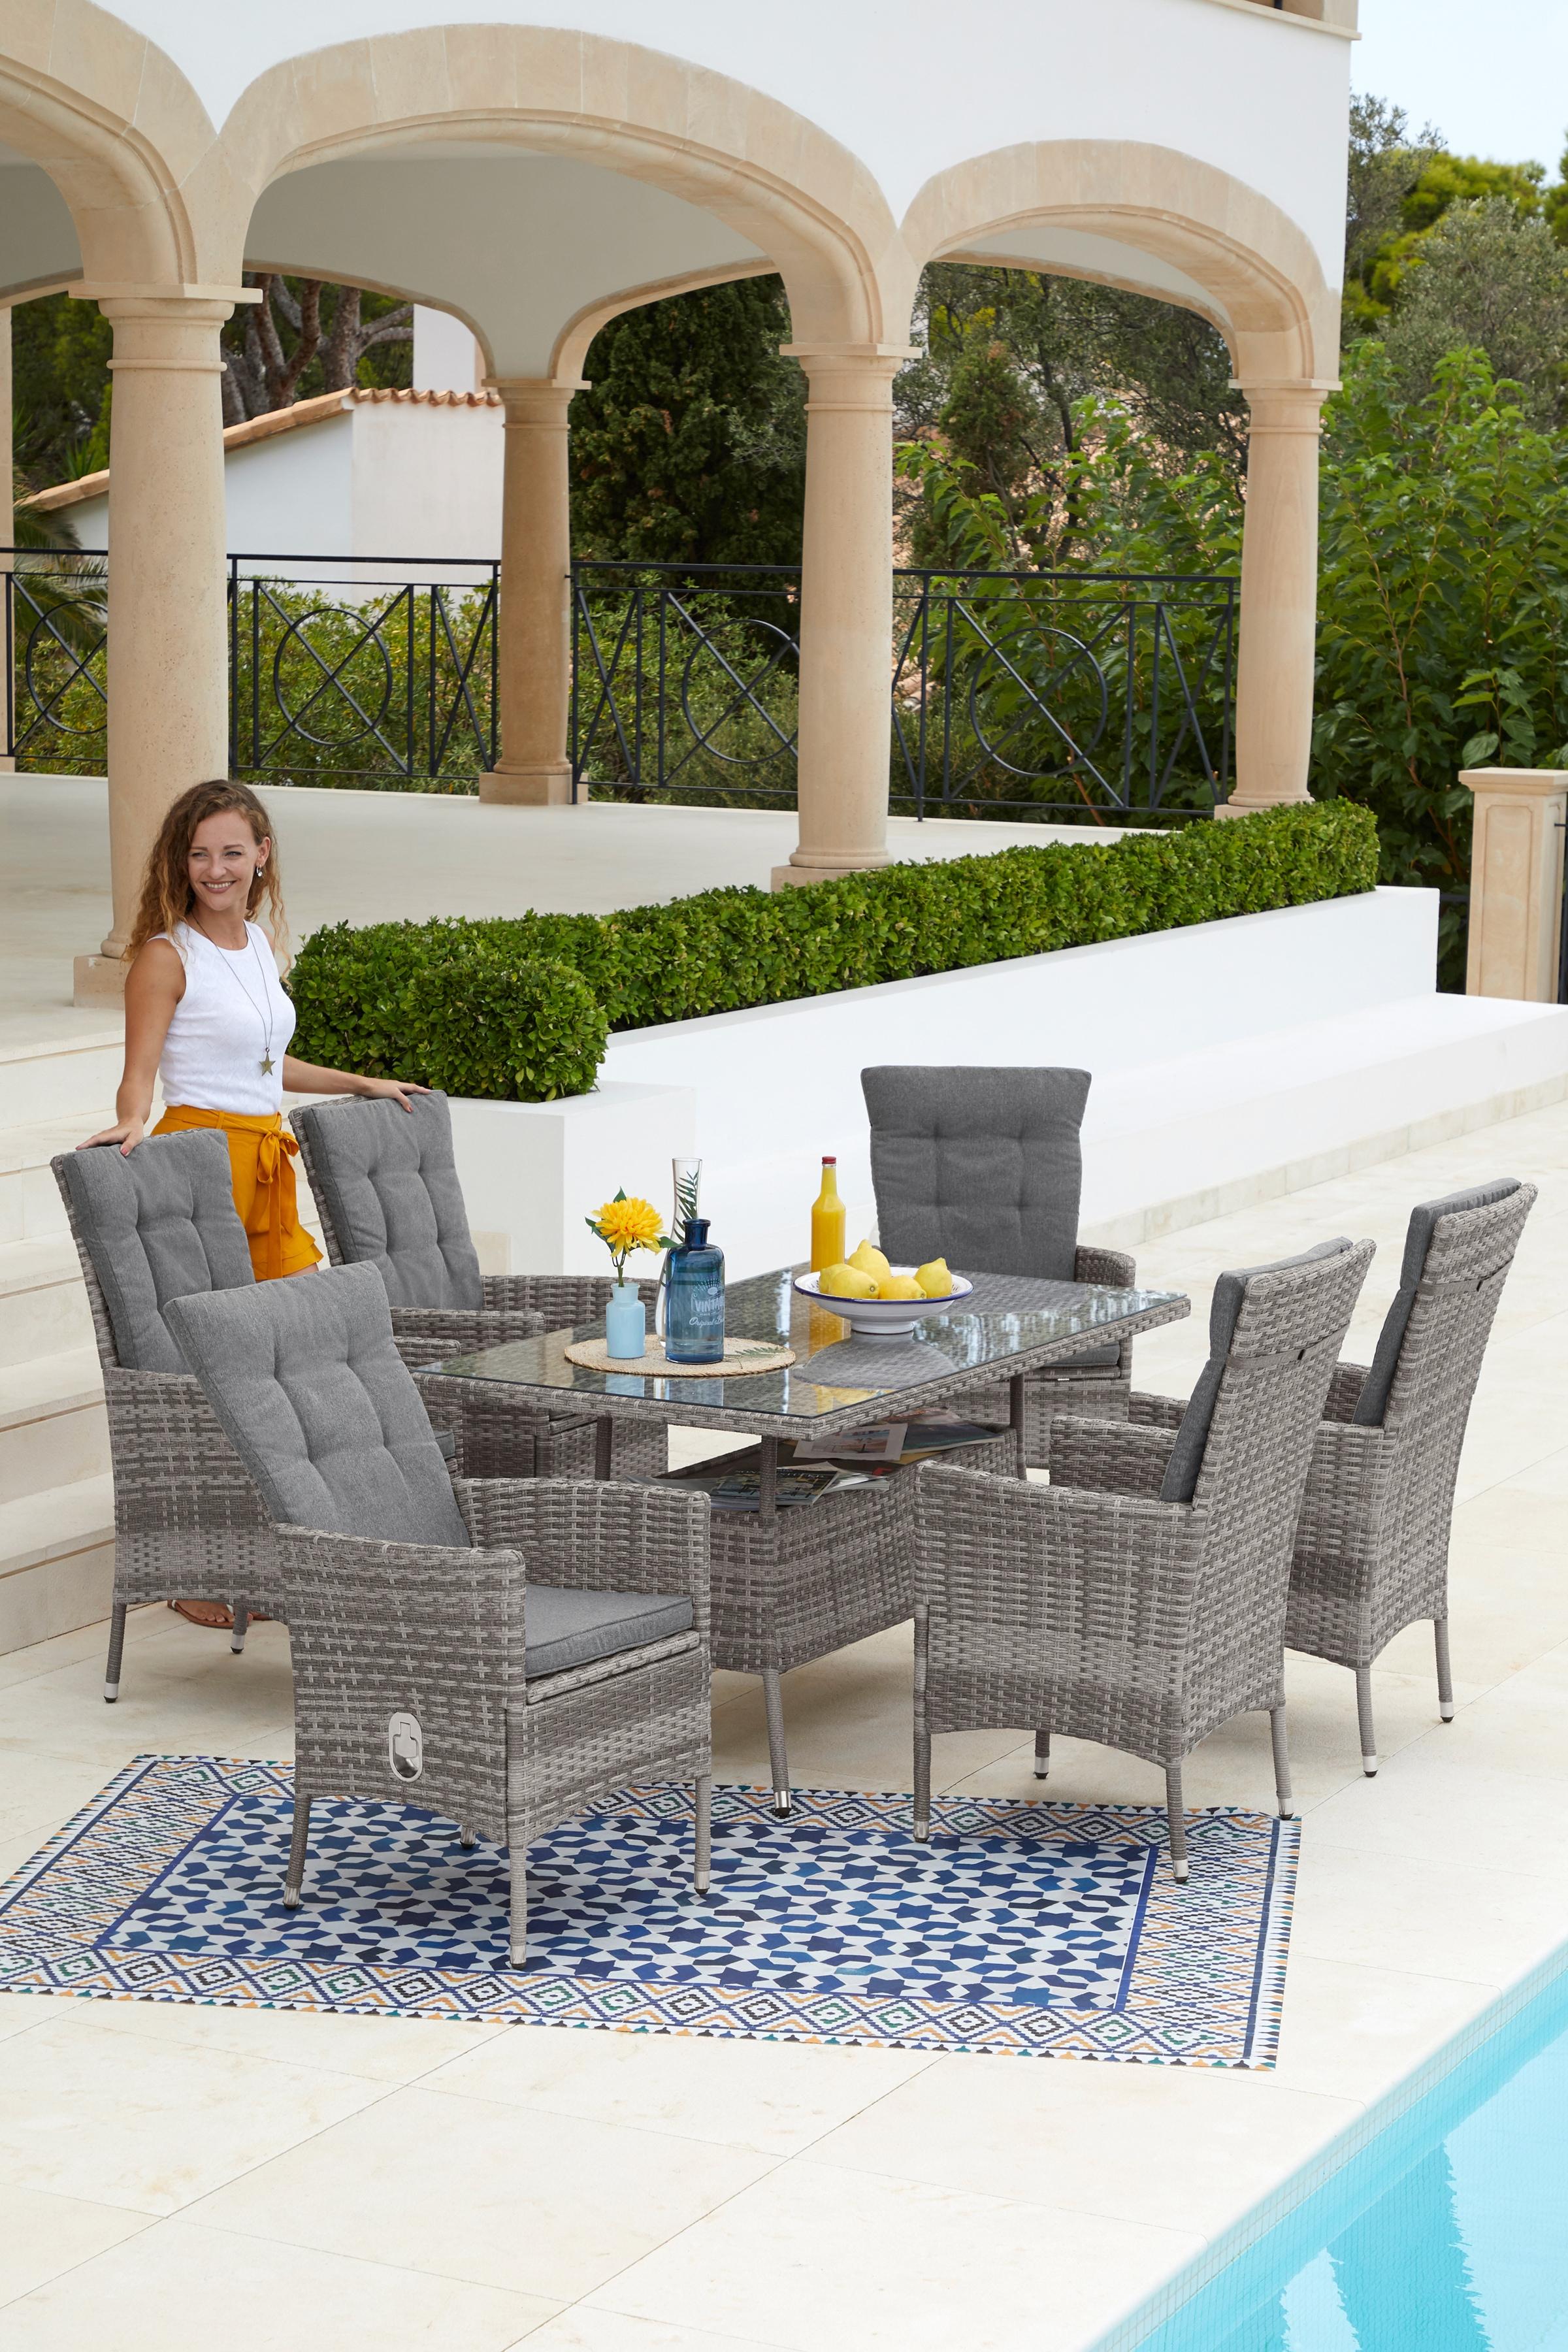 KONIFERA Gartenmöbelset Belluno 13-tlg 6 Sessel Tisch 150x 80 cm Polyrattan